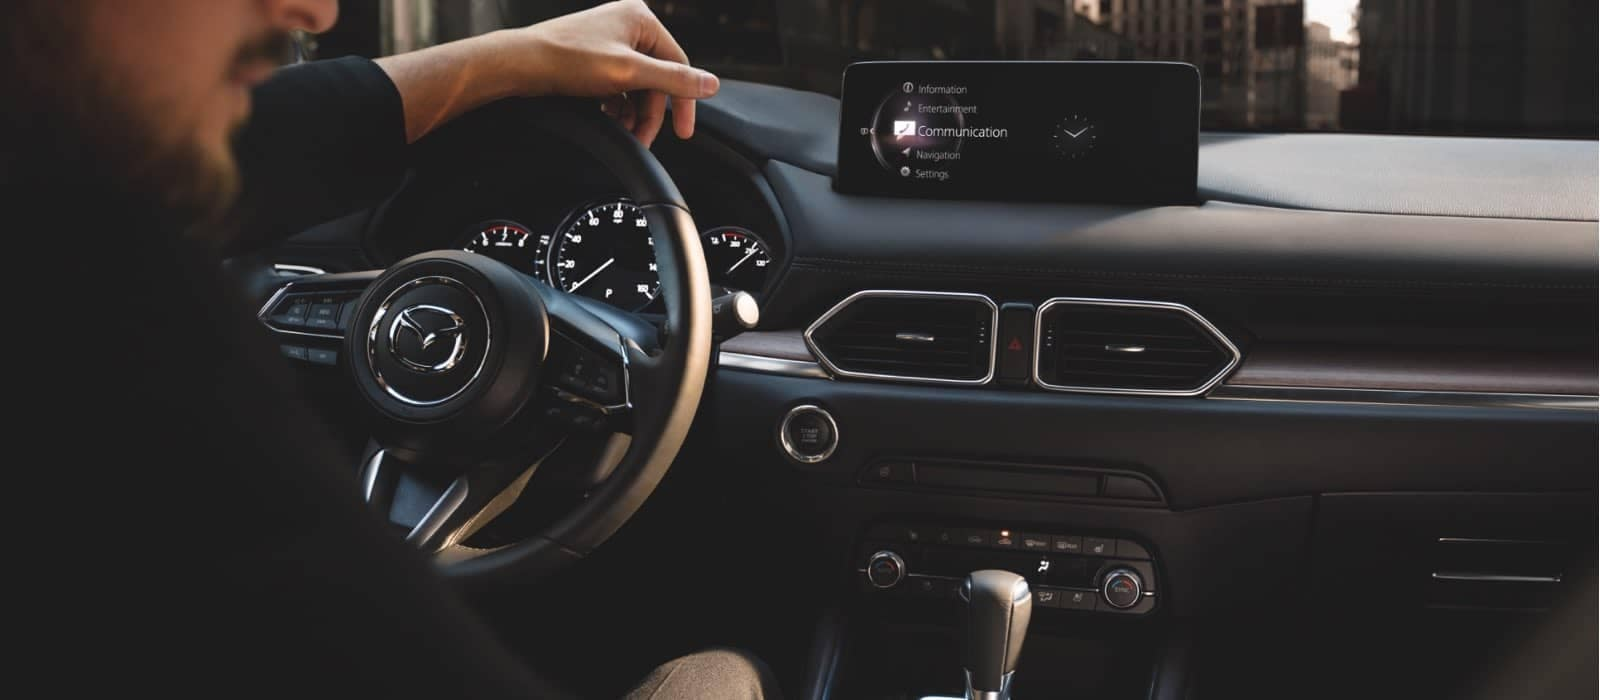 2021 Mazda CX-5 interior with driver2